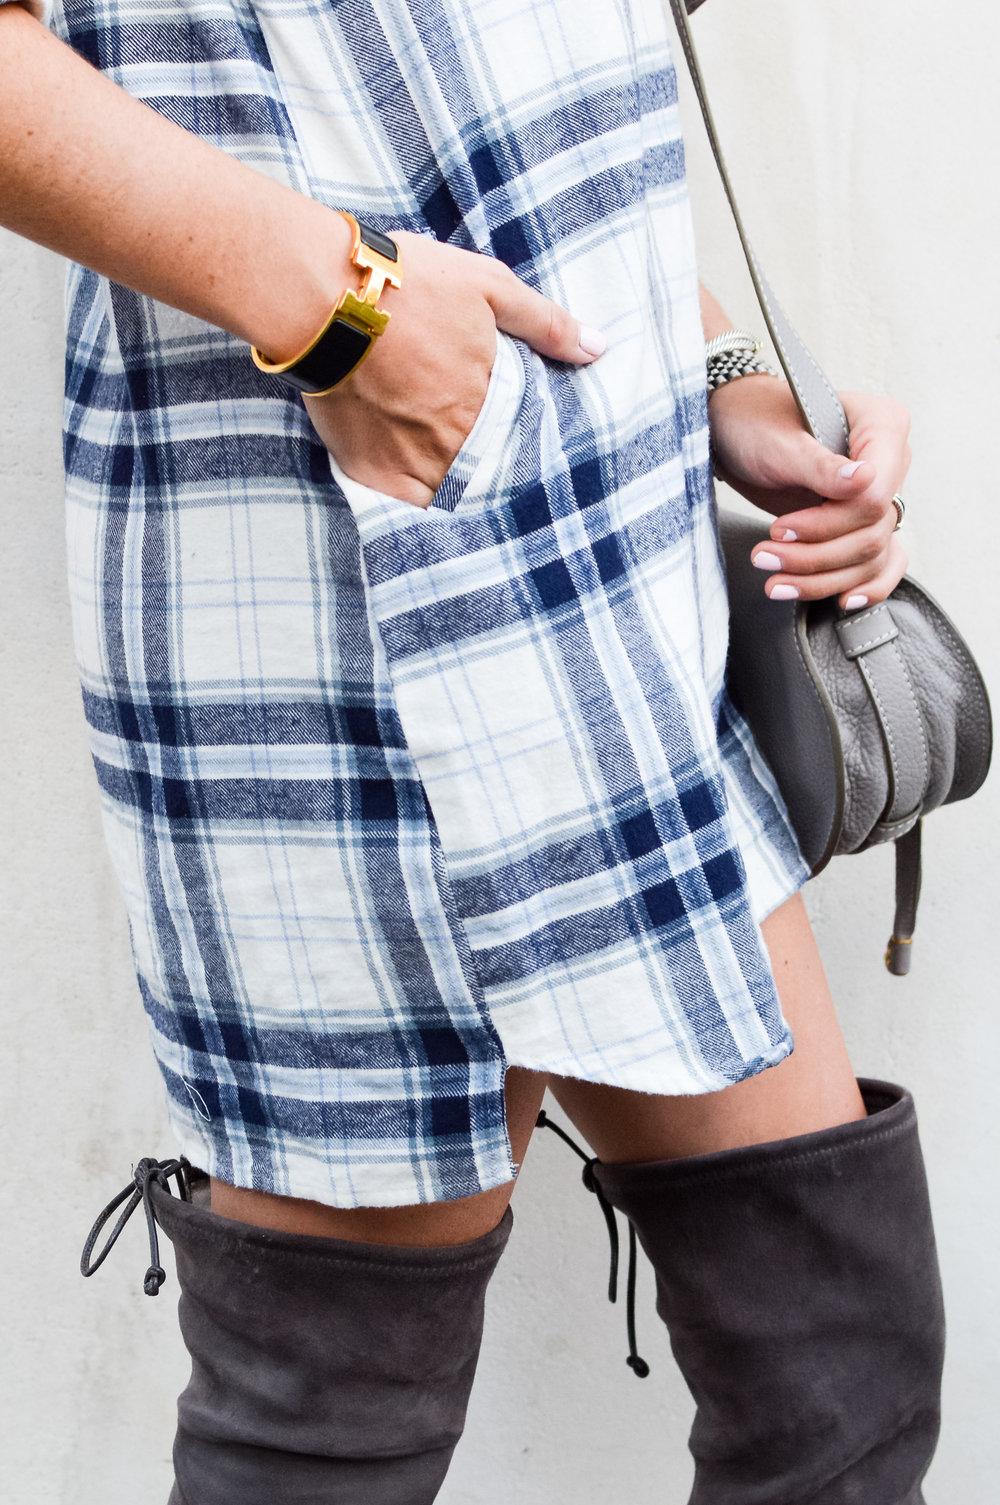 fashion blogger lcb style velvet heart harvest jewels stuart weitzman lowland (17 of 33).jpg